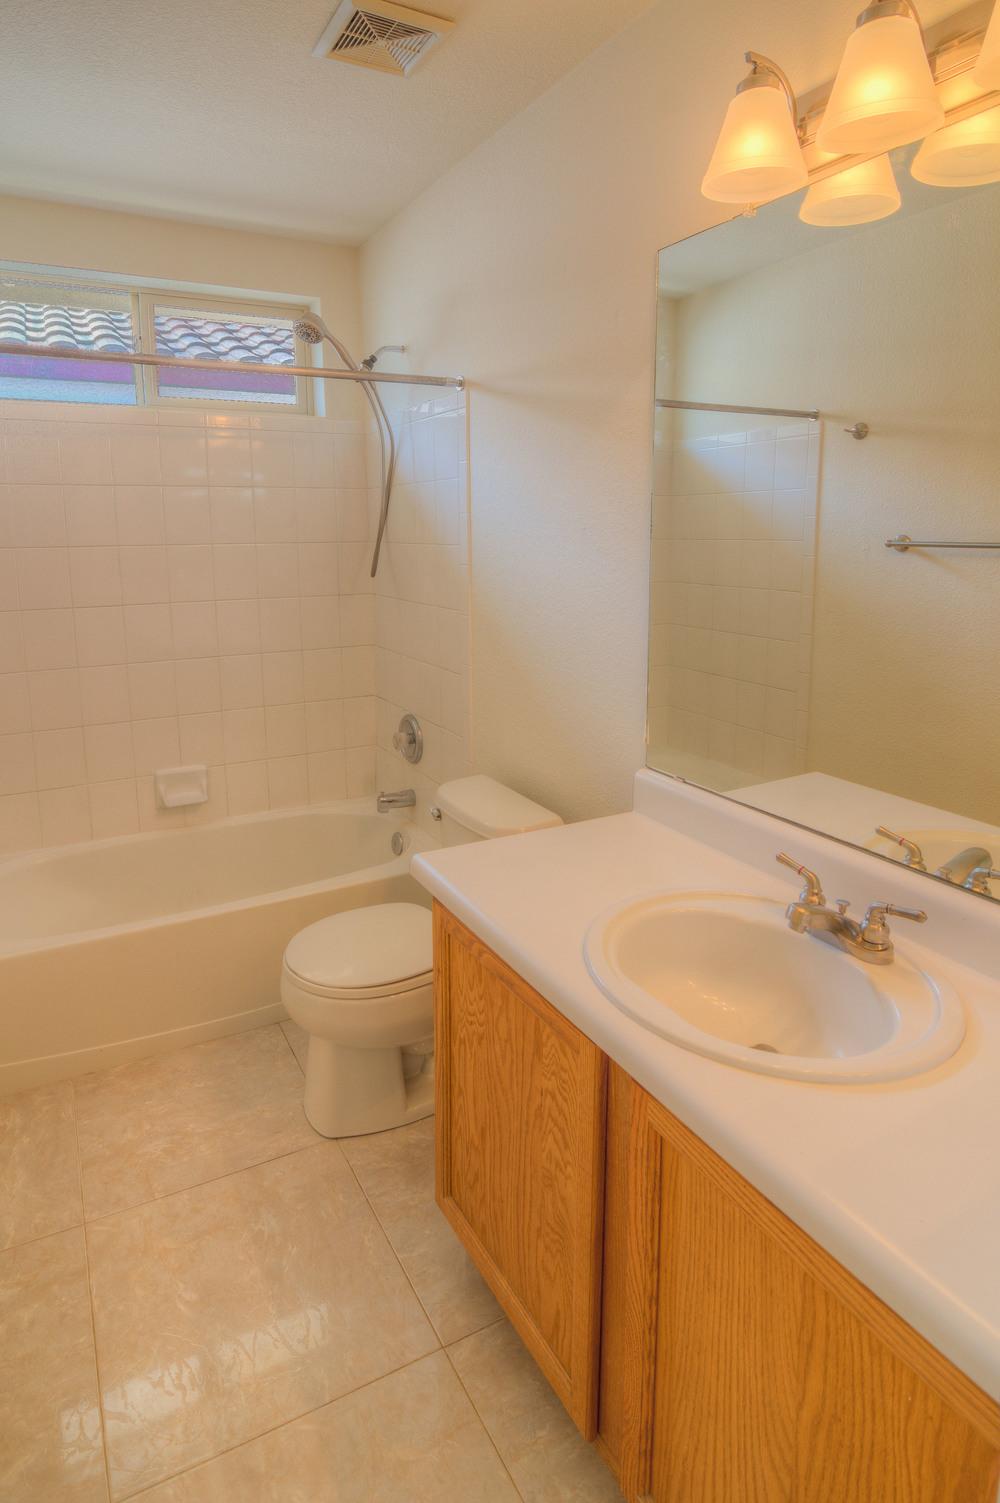 33 Bathroom a.jpg